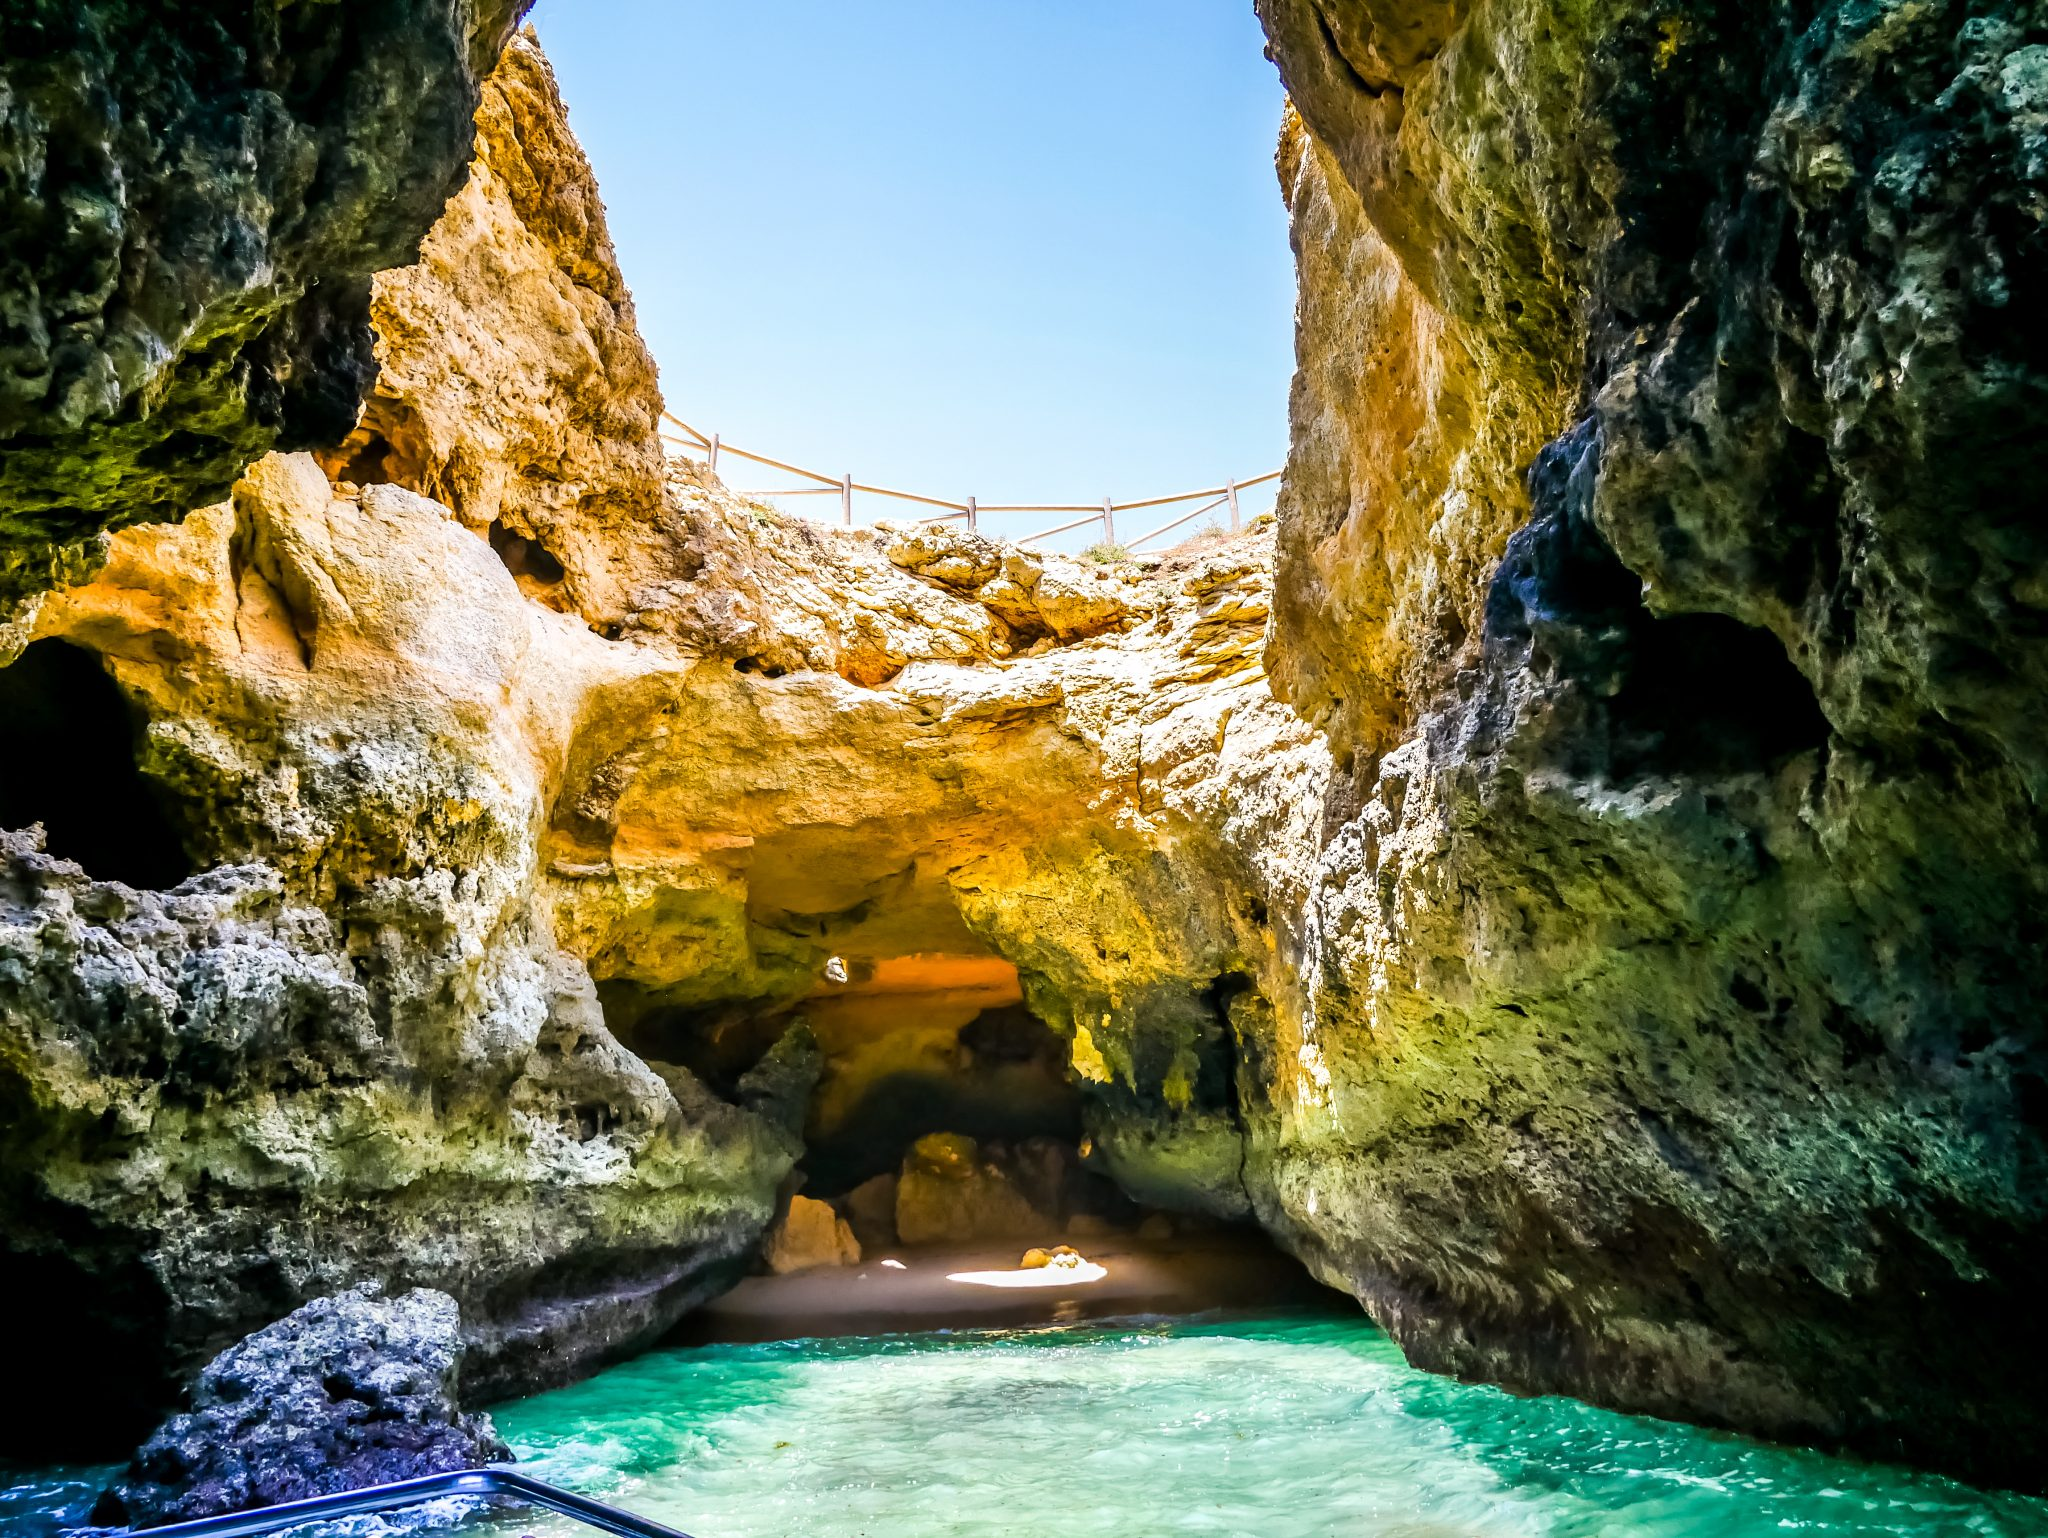 Die bekanntesten Höhlen Europas befinden sich an der Algarve, Portugal